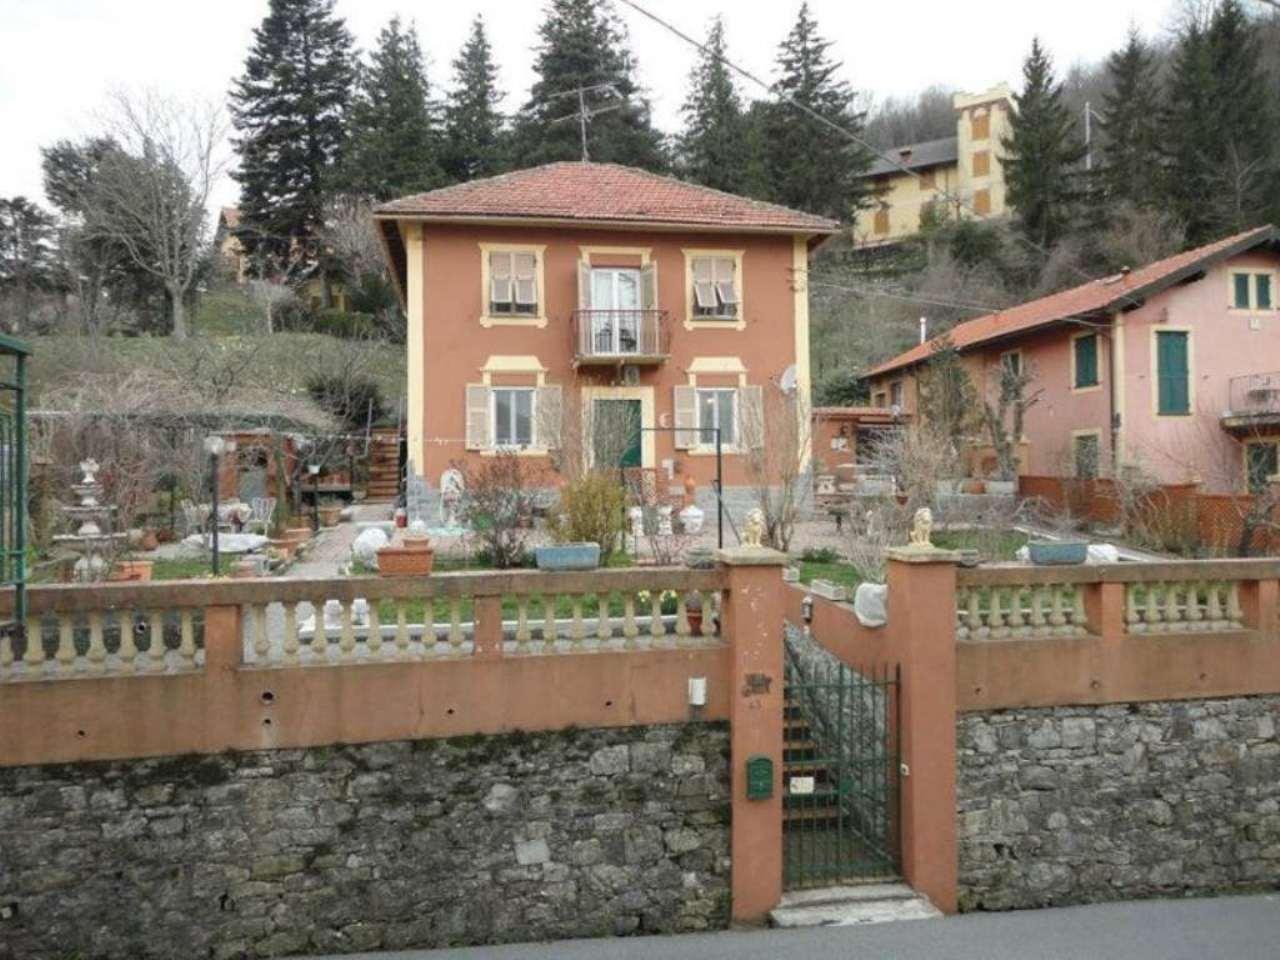 Soluzione Indipendente in vendita a Davagna, 7 locali, prezzo € 240.000 | Cambio Casa.it